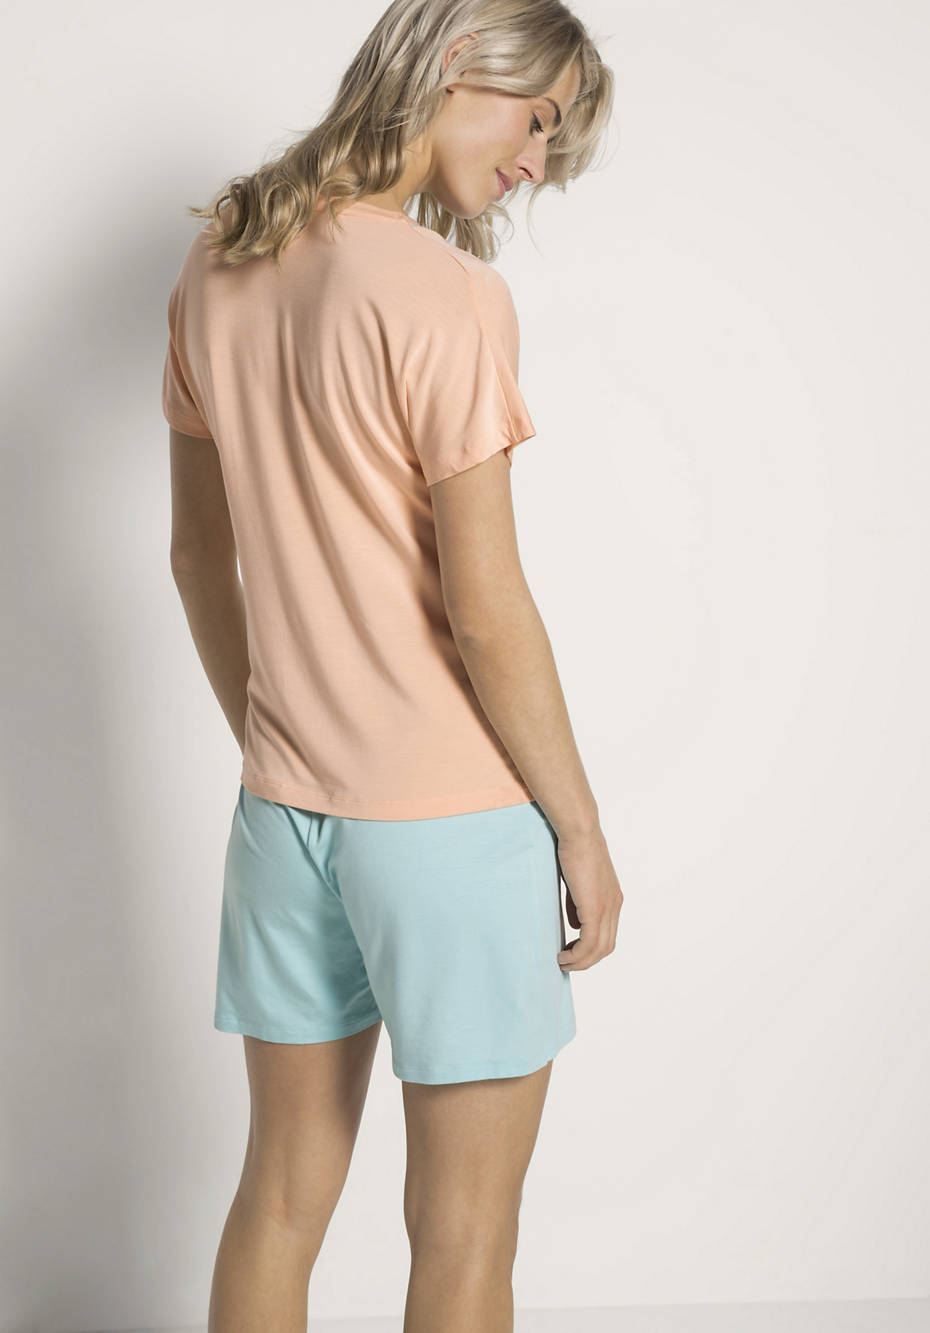 new product 93f59 7e2e7 Damen Schlafshirt aus Modal